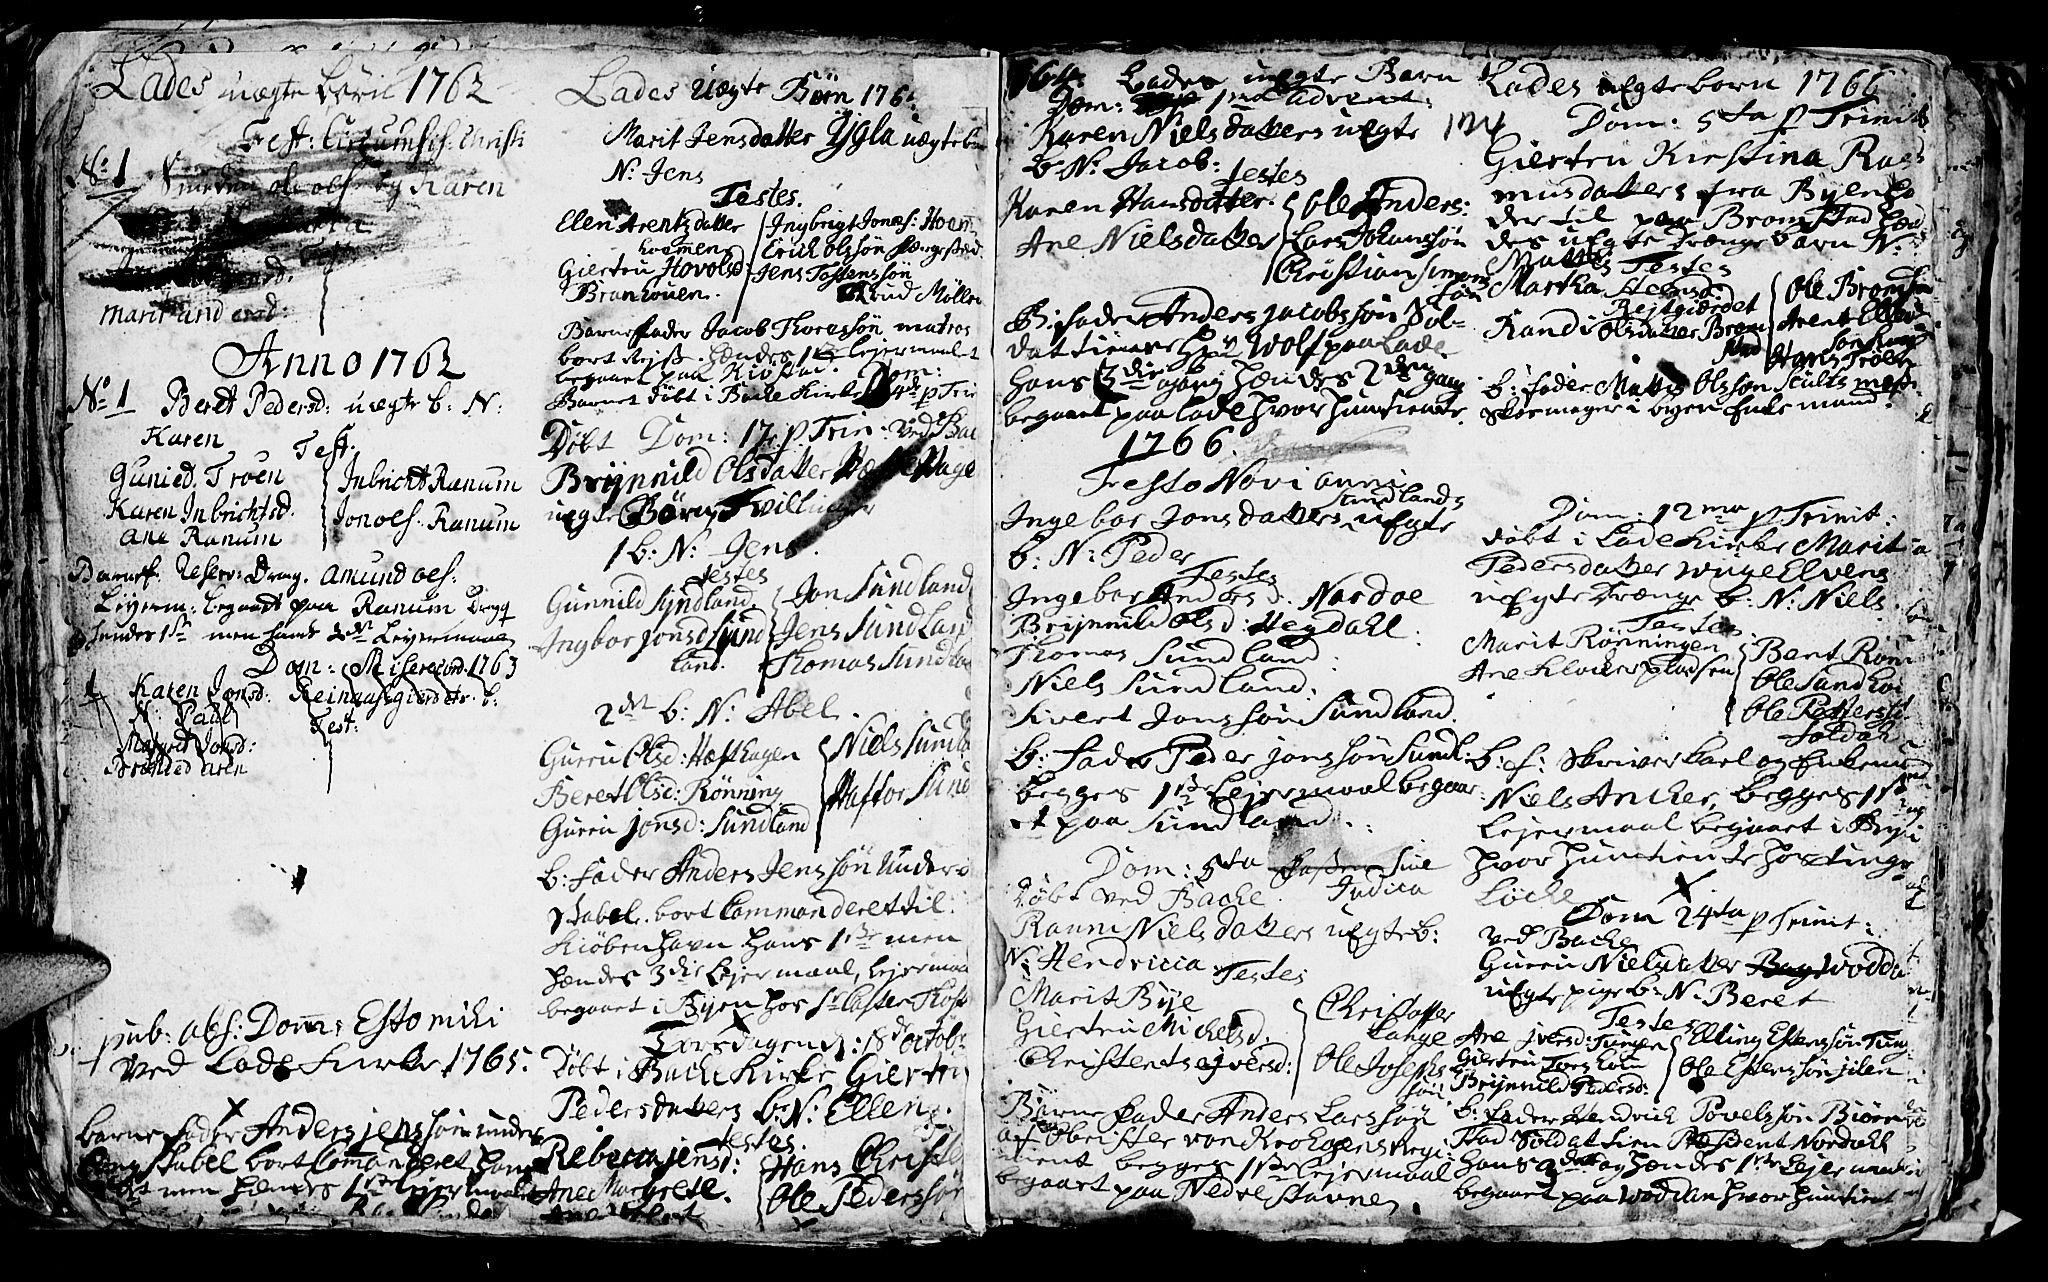 SAT, Ministerialprotokoller, klokkerbøker og fødselsregistre - Sør-Trøndelag, 606/L0305: Klokkerbok nr. 606C01, 1757-1819, s. 124